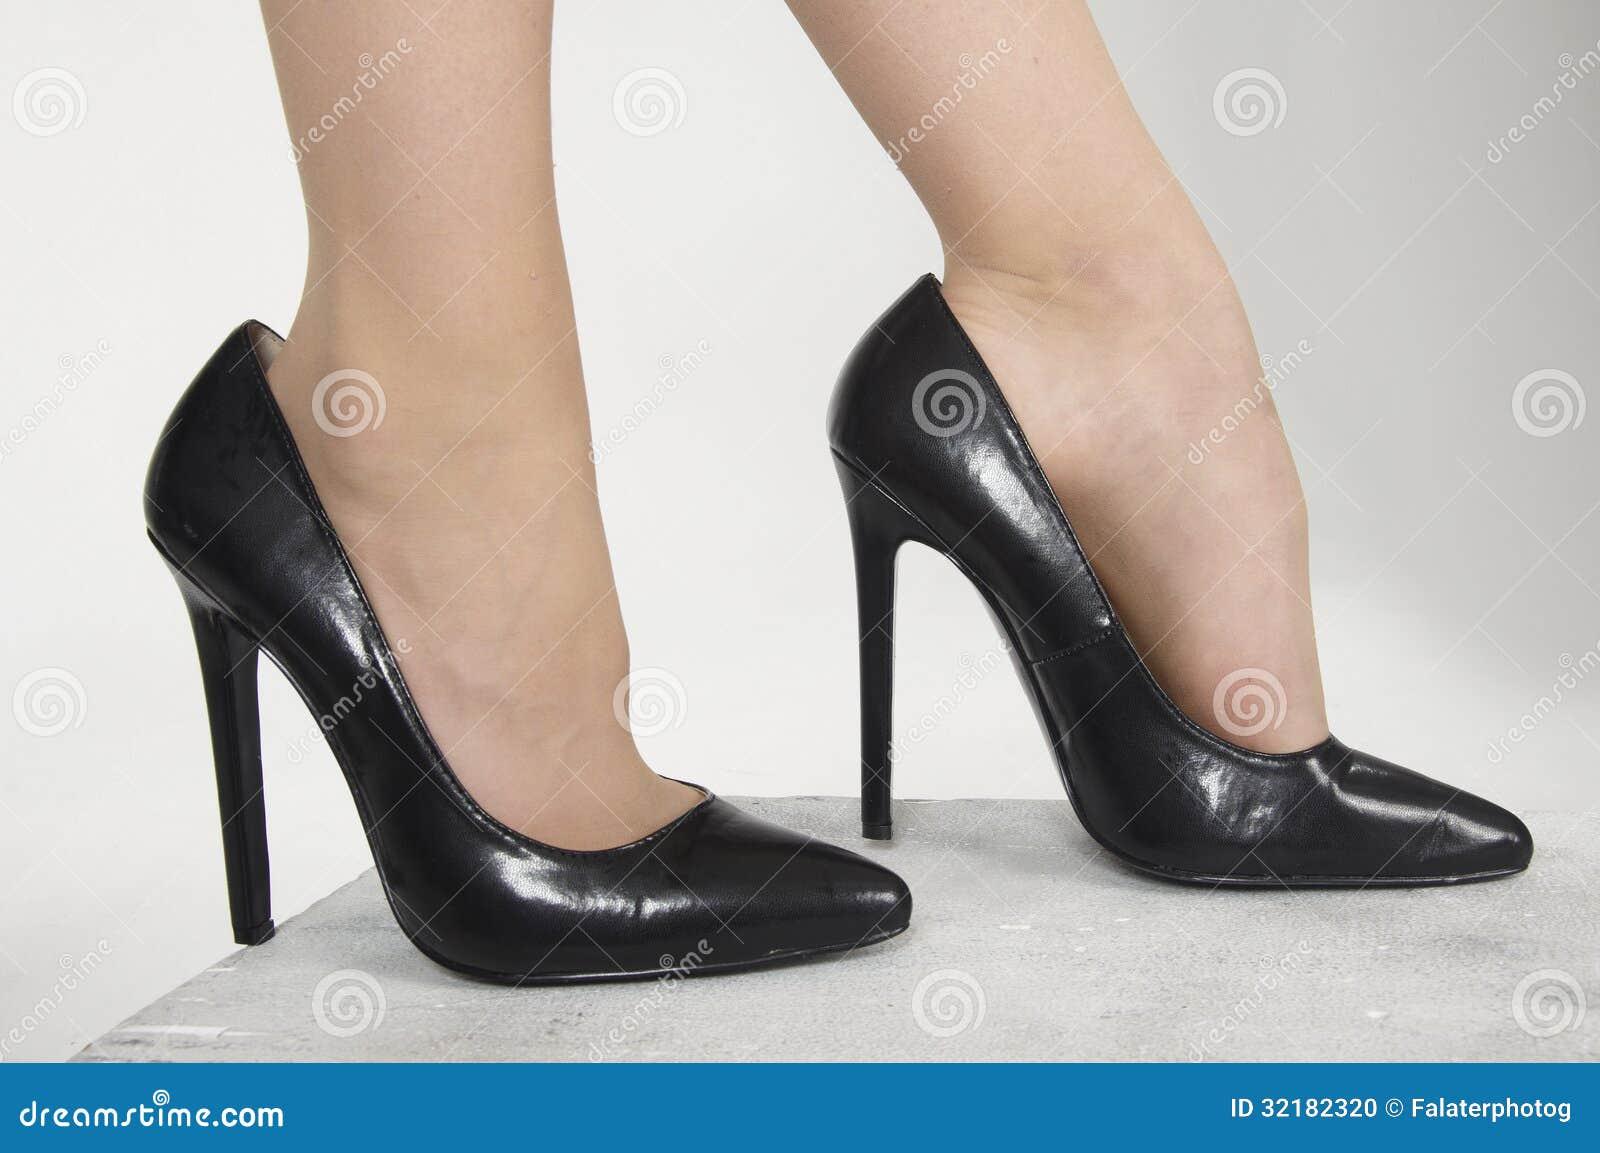 靴子高跟鞋跟图片_高跟鞋鞋子 库存照片 - 图片: 32182320